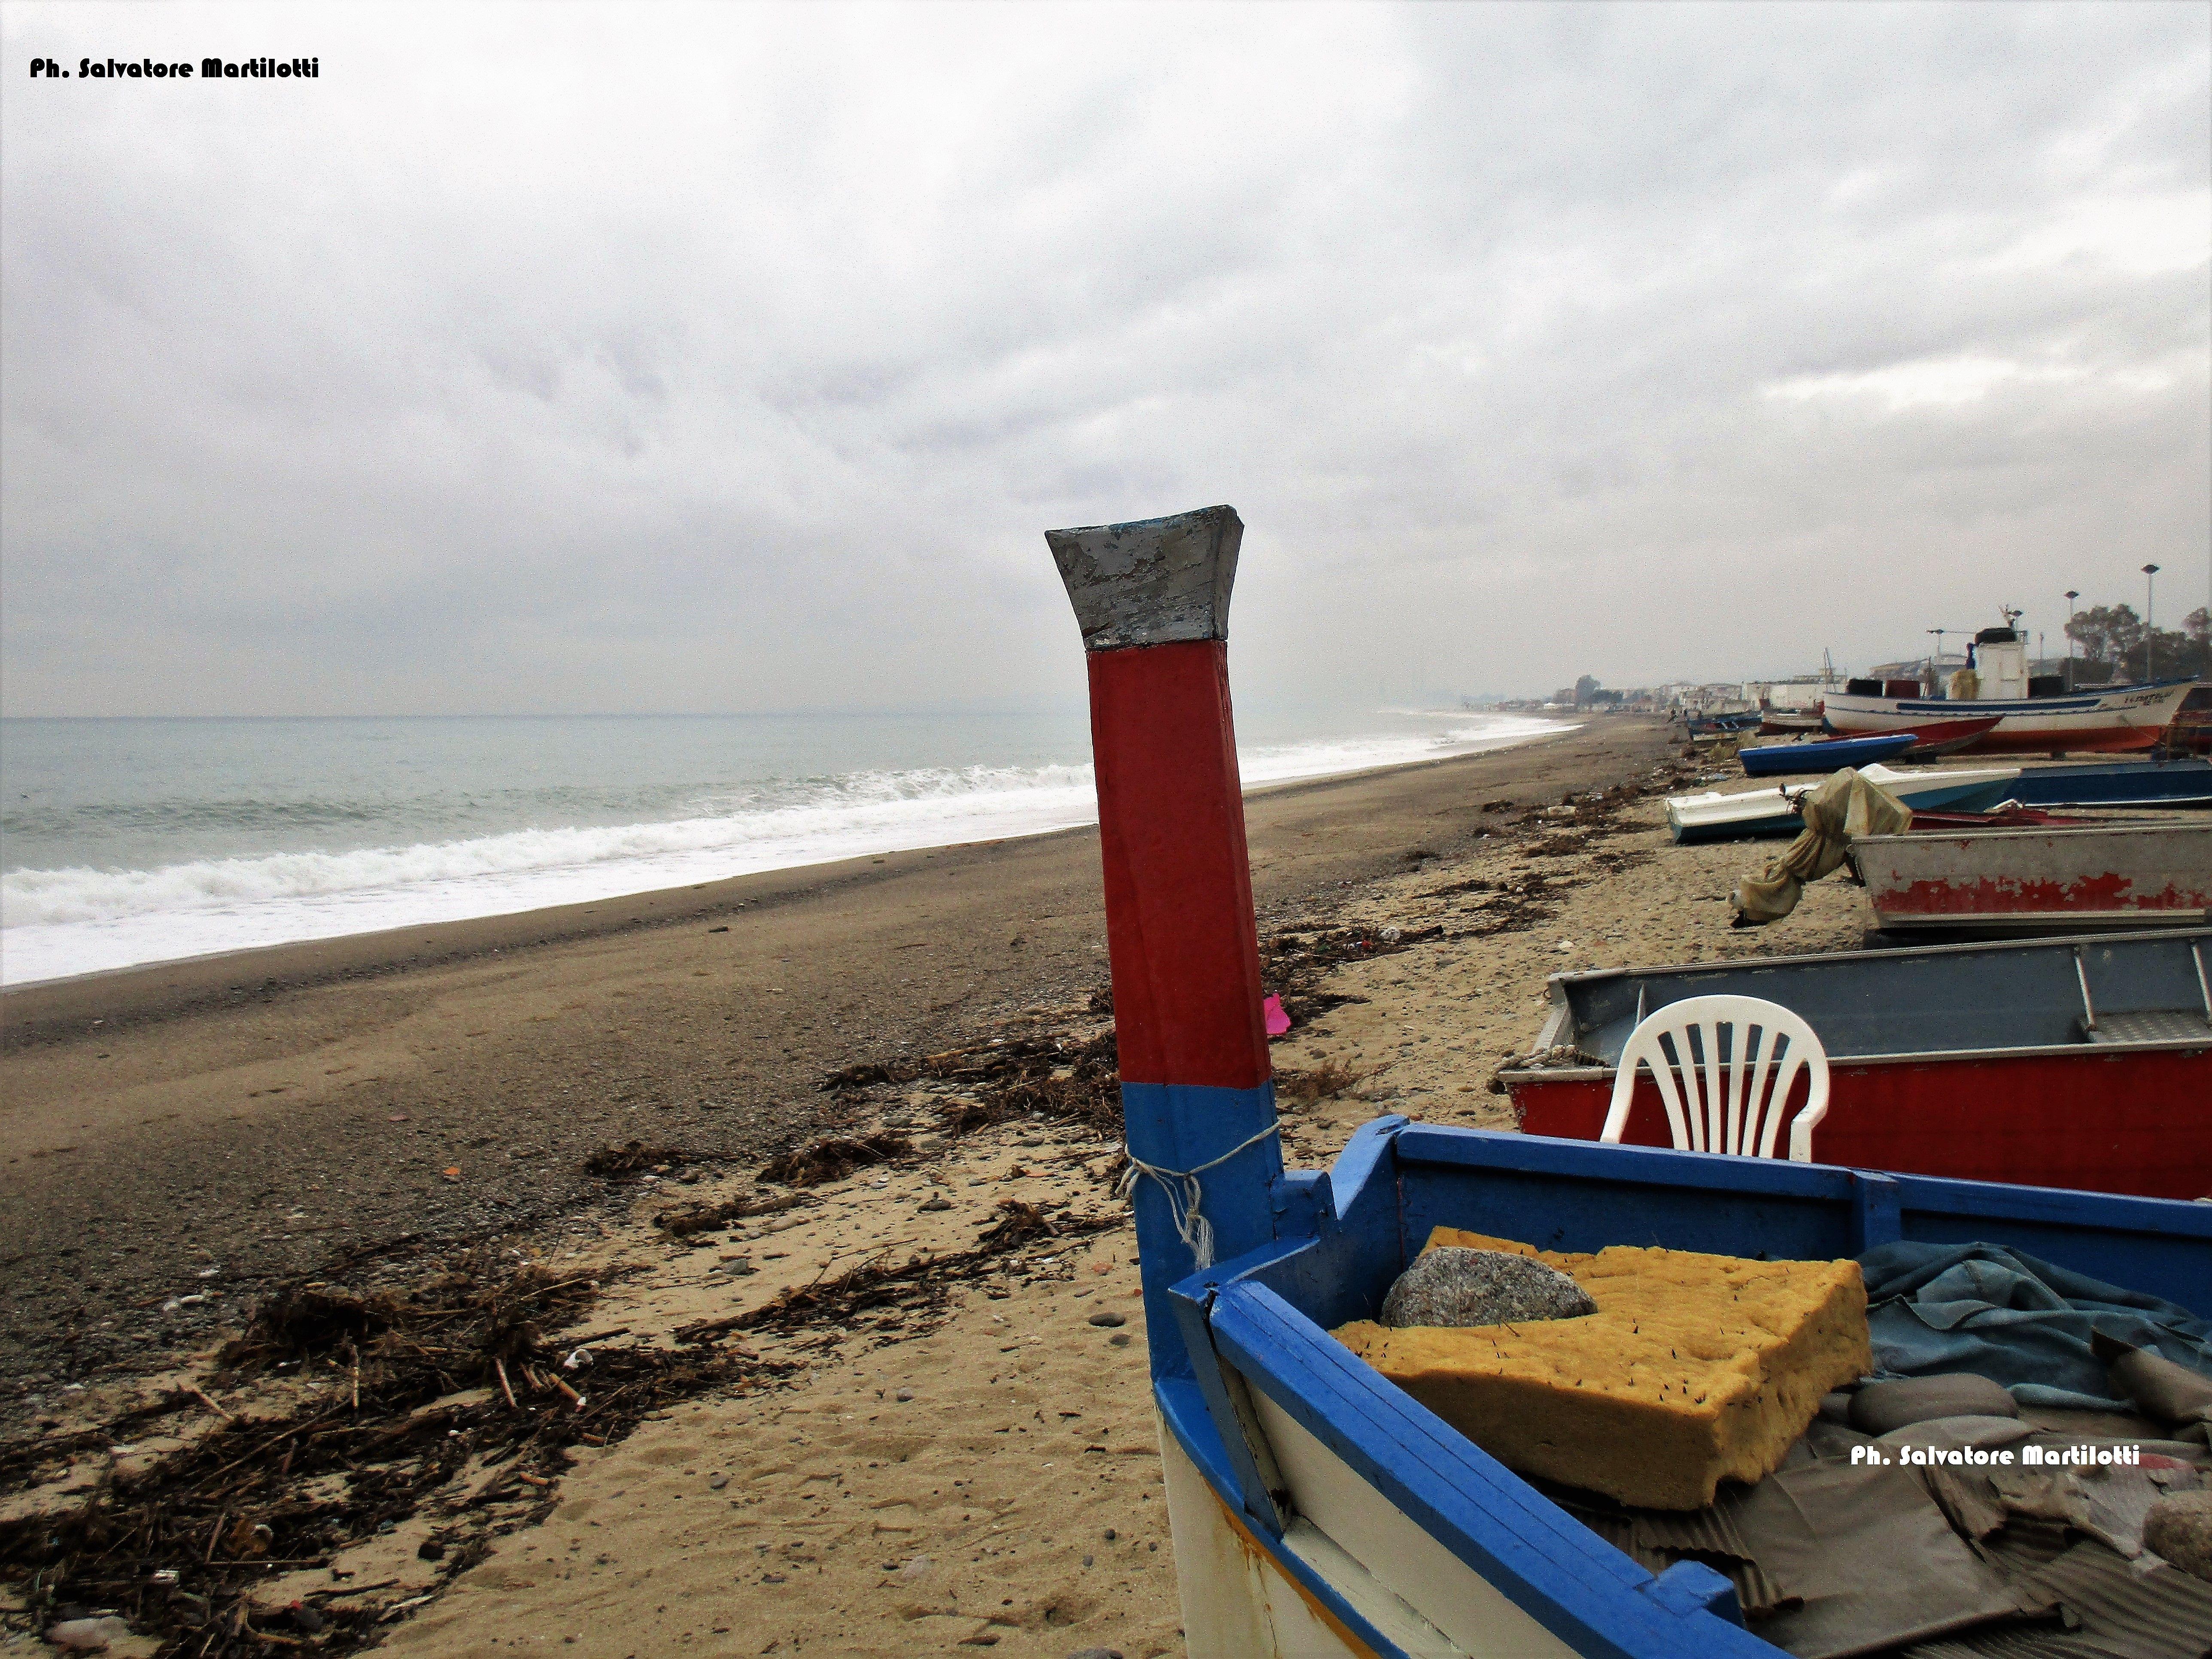 La spiaggia dei pescatori con il mare di levante! Ph. Salvatore Martilotti